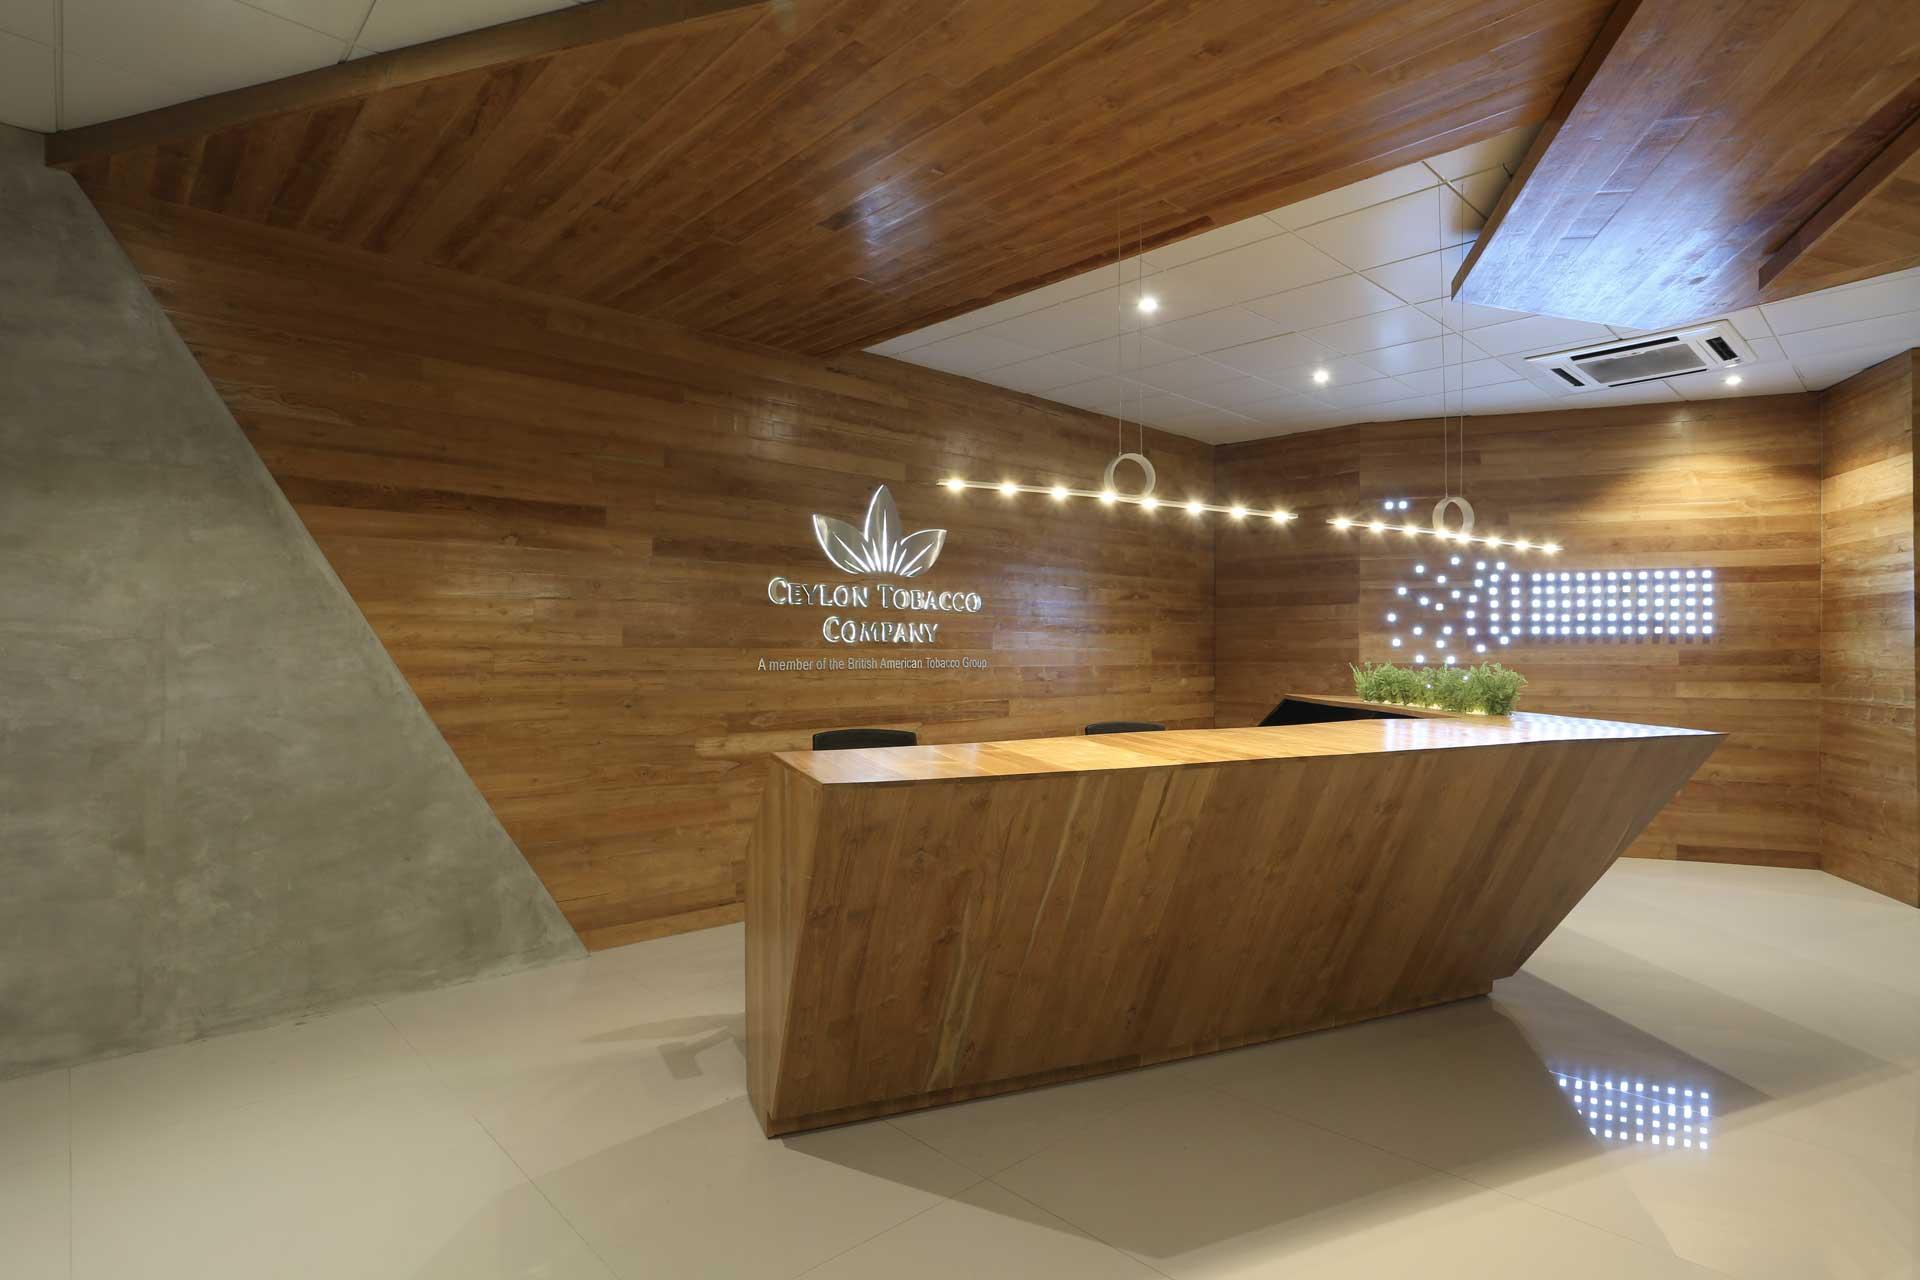 Ceylon Tobacco Company Image 09 | Corporate Interior Design